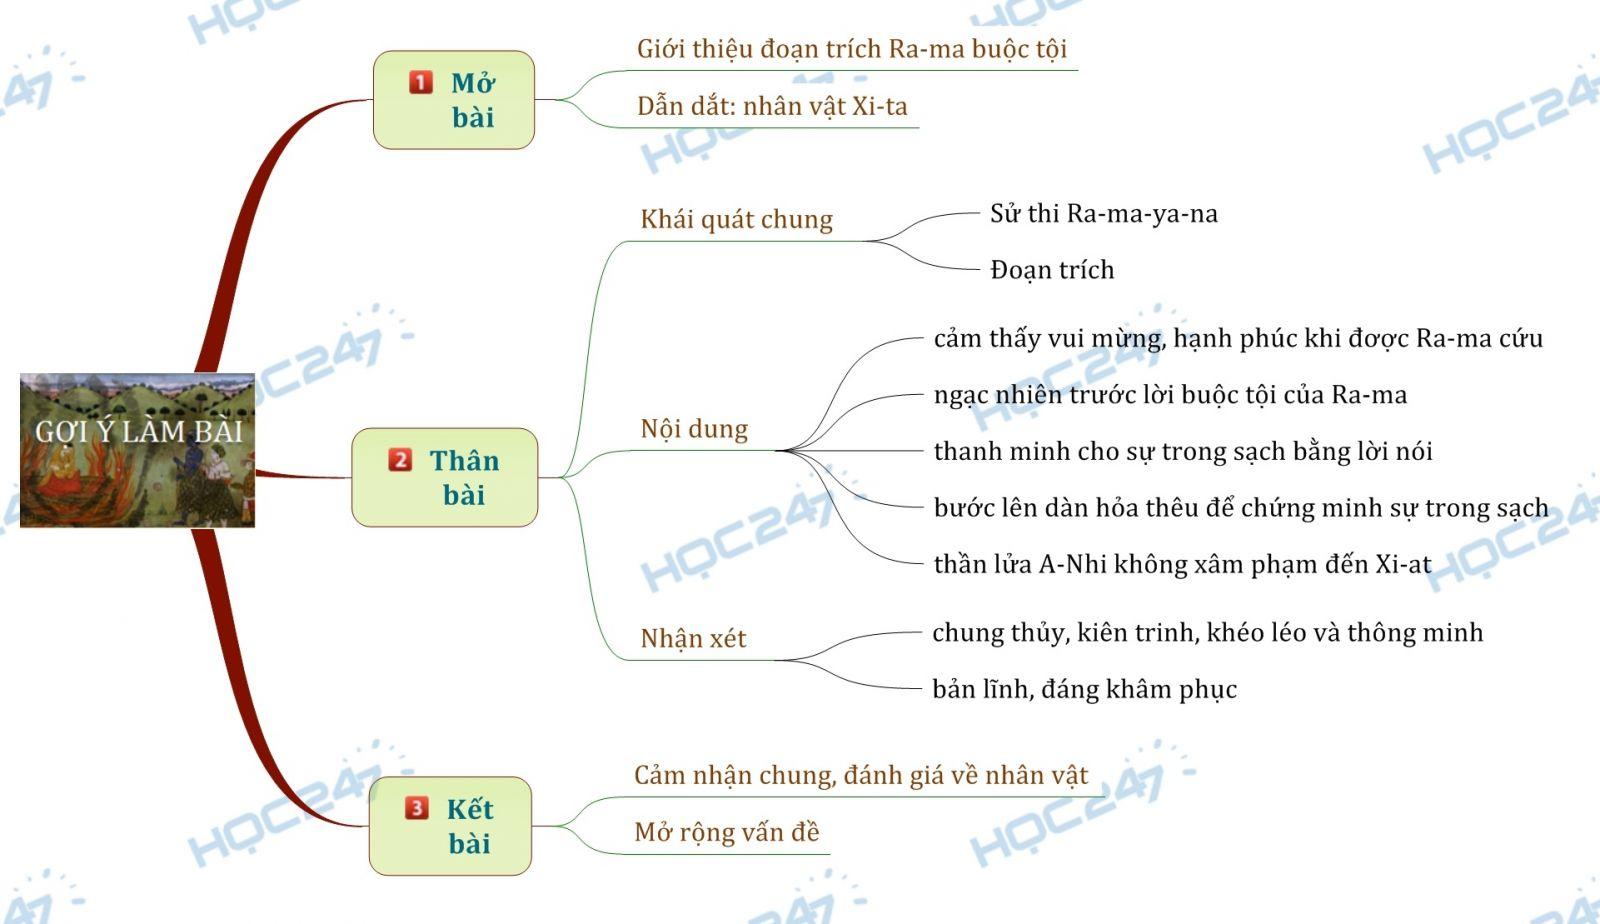 Sơ đồ tư duy cảm nhận về nhân vật Xi-ta trong đoạn trích Ra-ma buộc tội